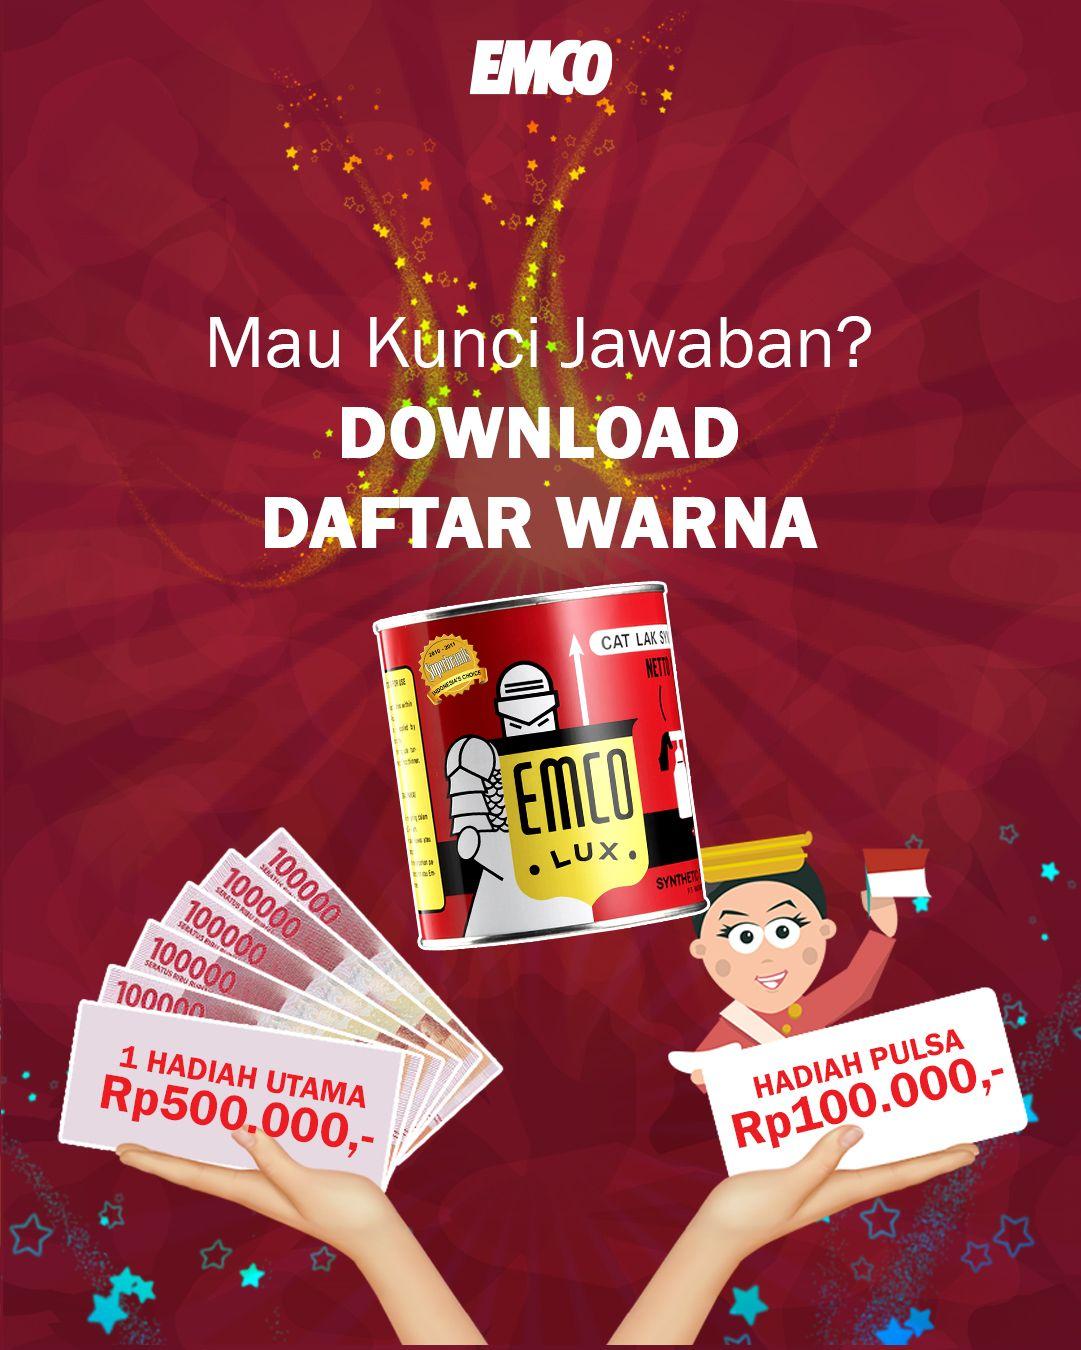 Kuis Emco Datang Lagi Hadiahnya Uang Tunai Rp500 000 Untuk Pemenang Utama Dan Rp100 000 Untuk 10 Orang Pemenang Hiburan Pop Tarts Snack Recipes Snacks